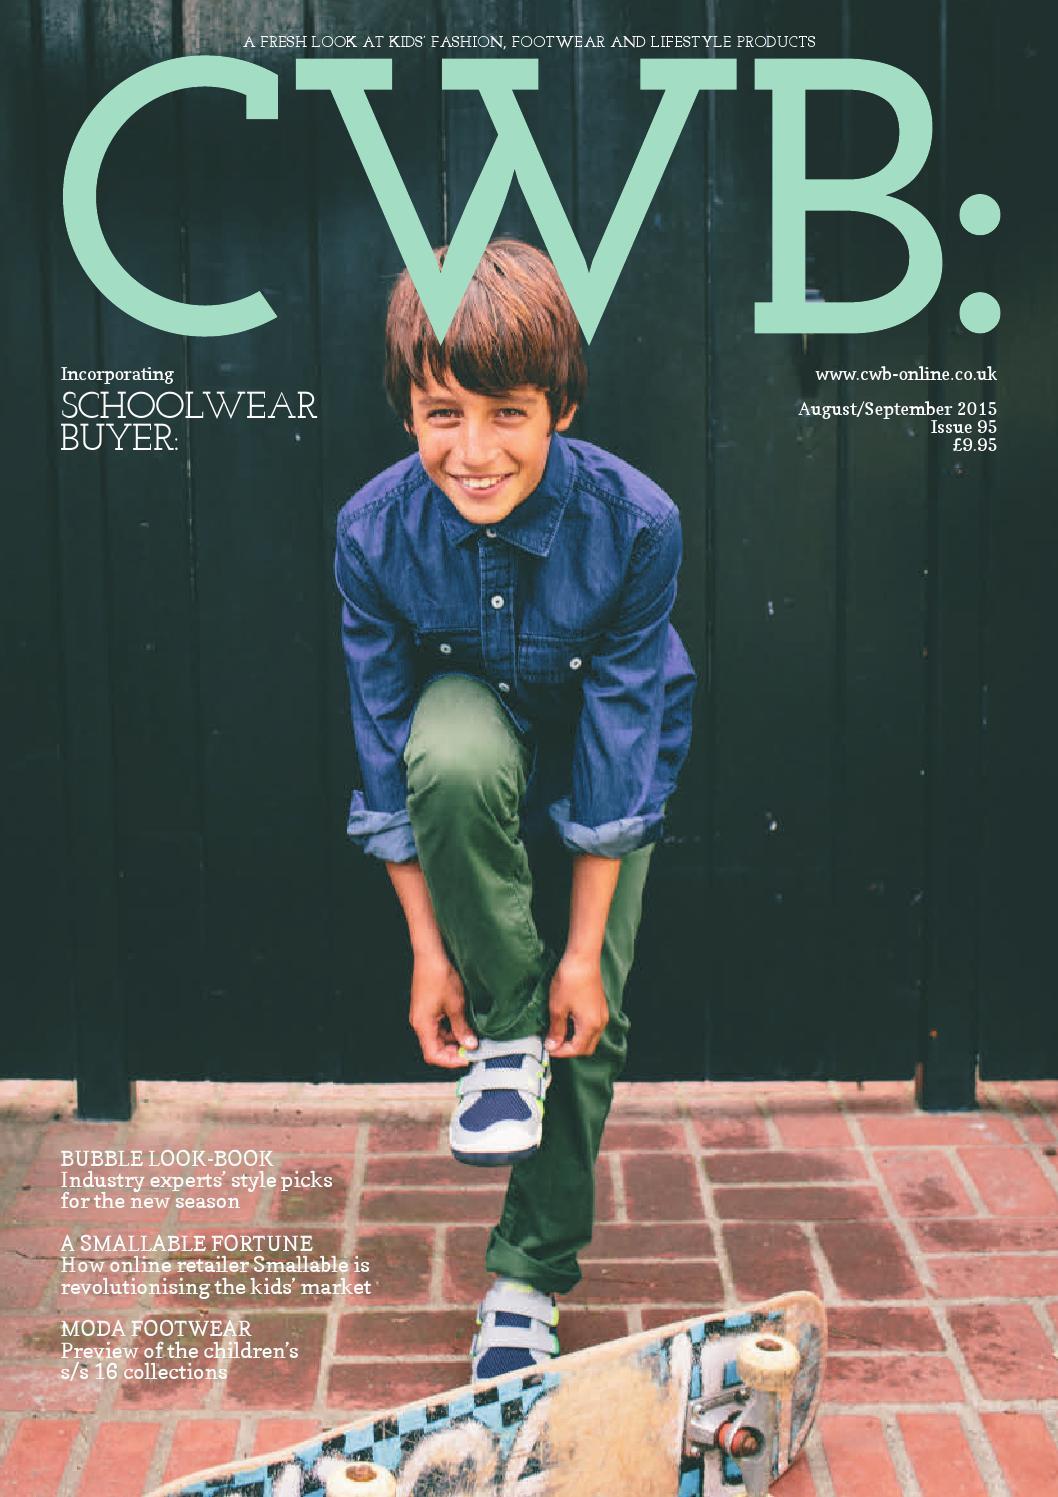 ad489f17ebdd CWB MAGAZINE AUGUST SEPTEMBER ISSUE 95 by fashion buyers Ltd - issuu